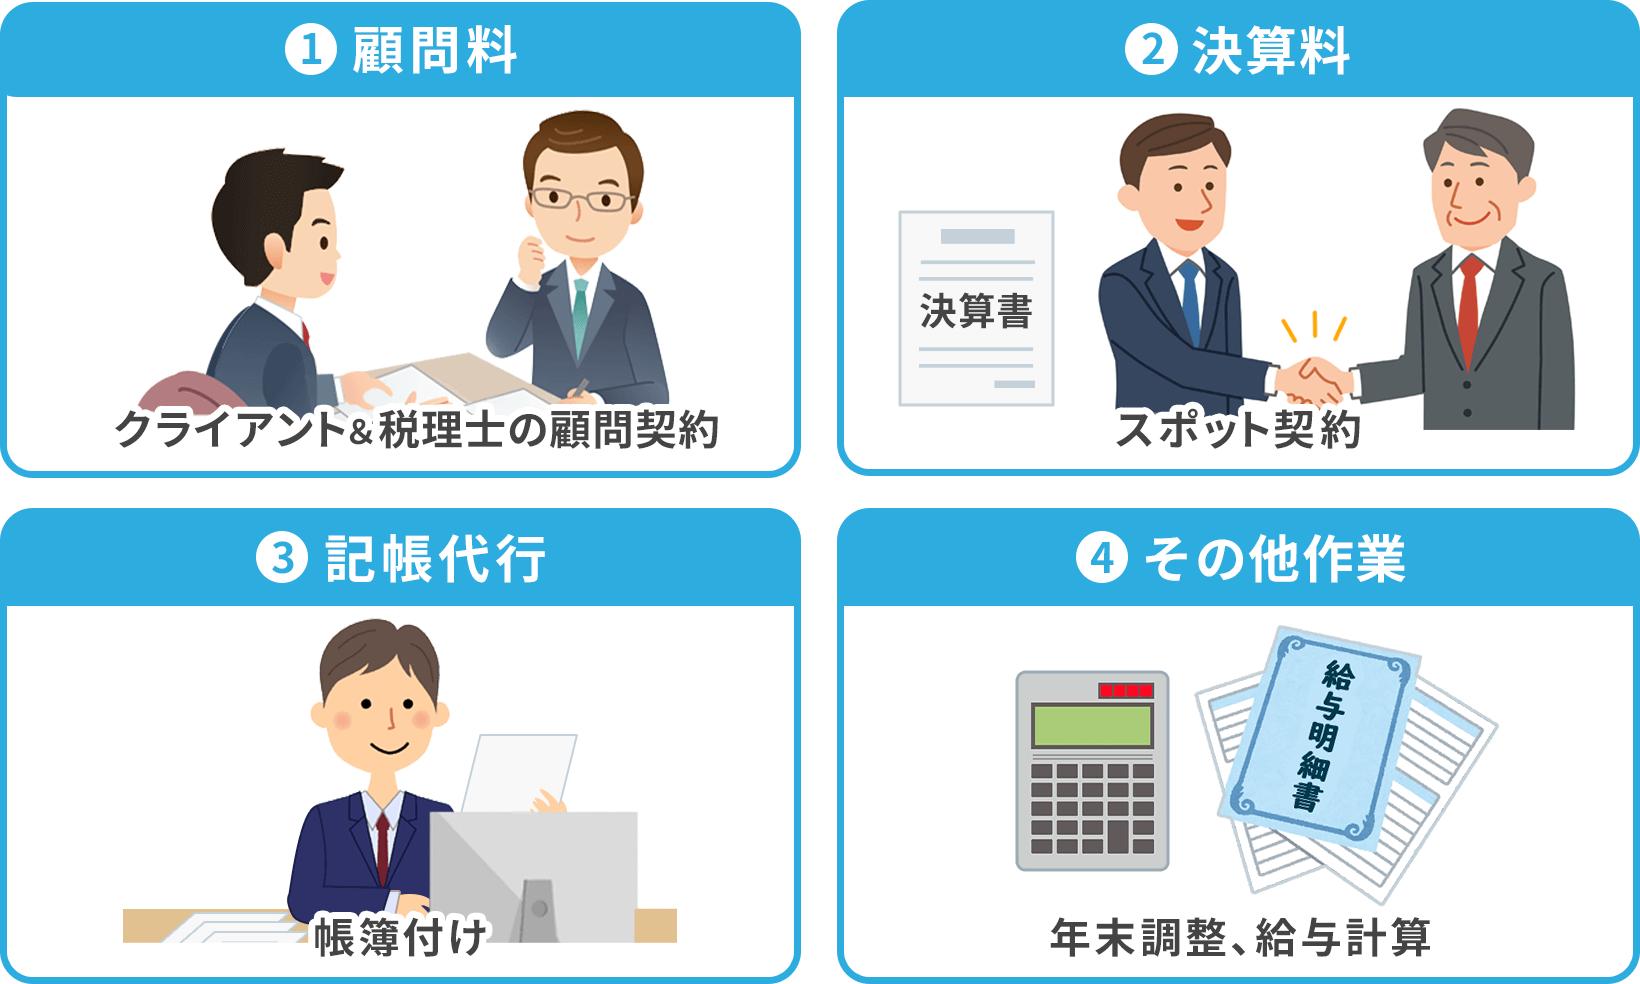 税理士の主な業務内容は顧問料、決算料、記帳代行、その他の業務の4つに分けられる